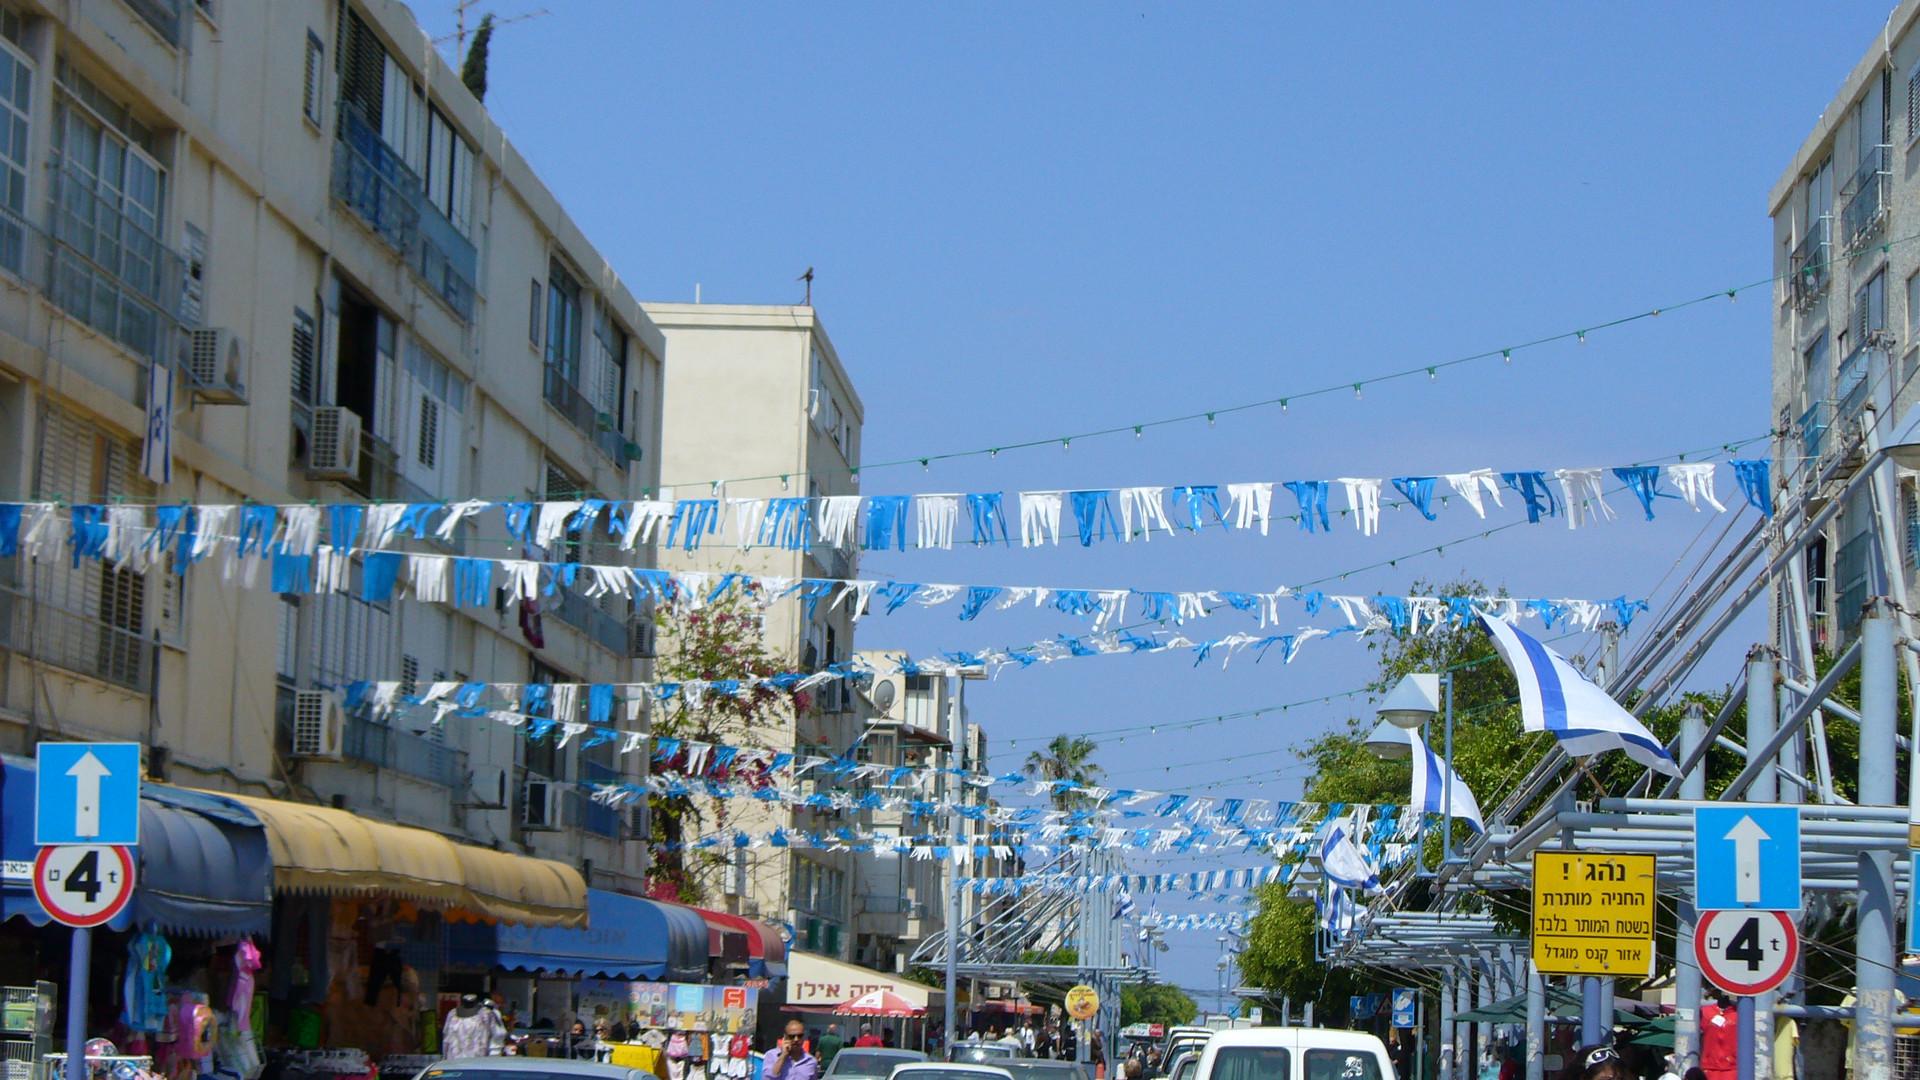 Ben_Ami_Pedestrian_zone,_Akko,_Israel.jp